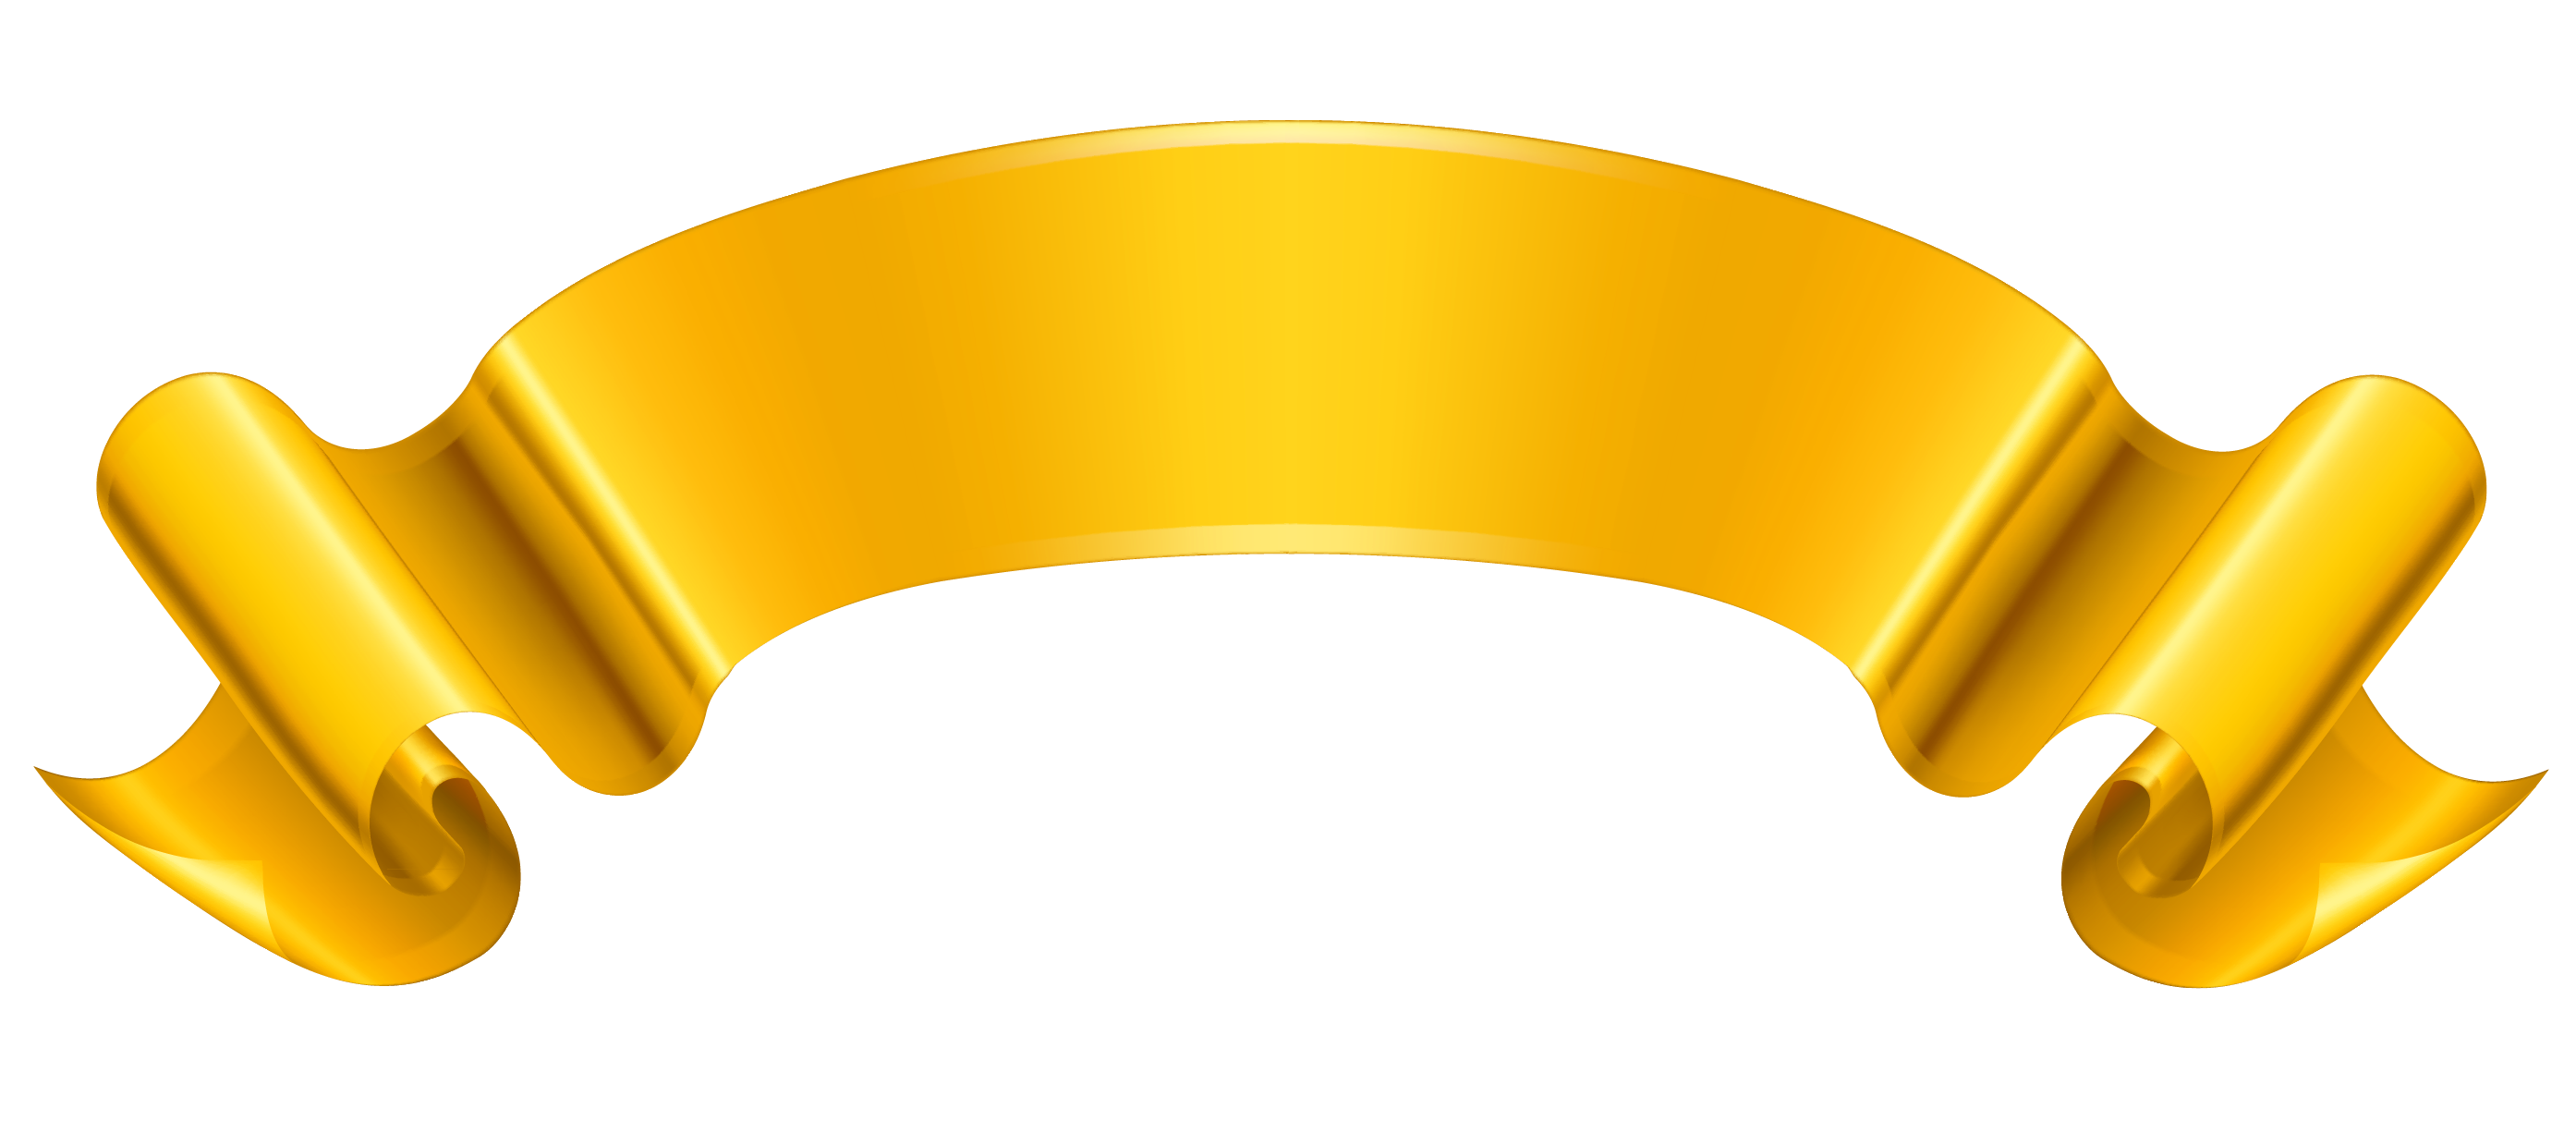 La bandera del oro PNG imagen prediseñada Biru dan putih